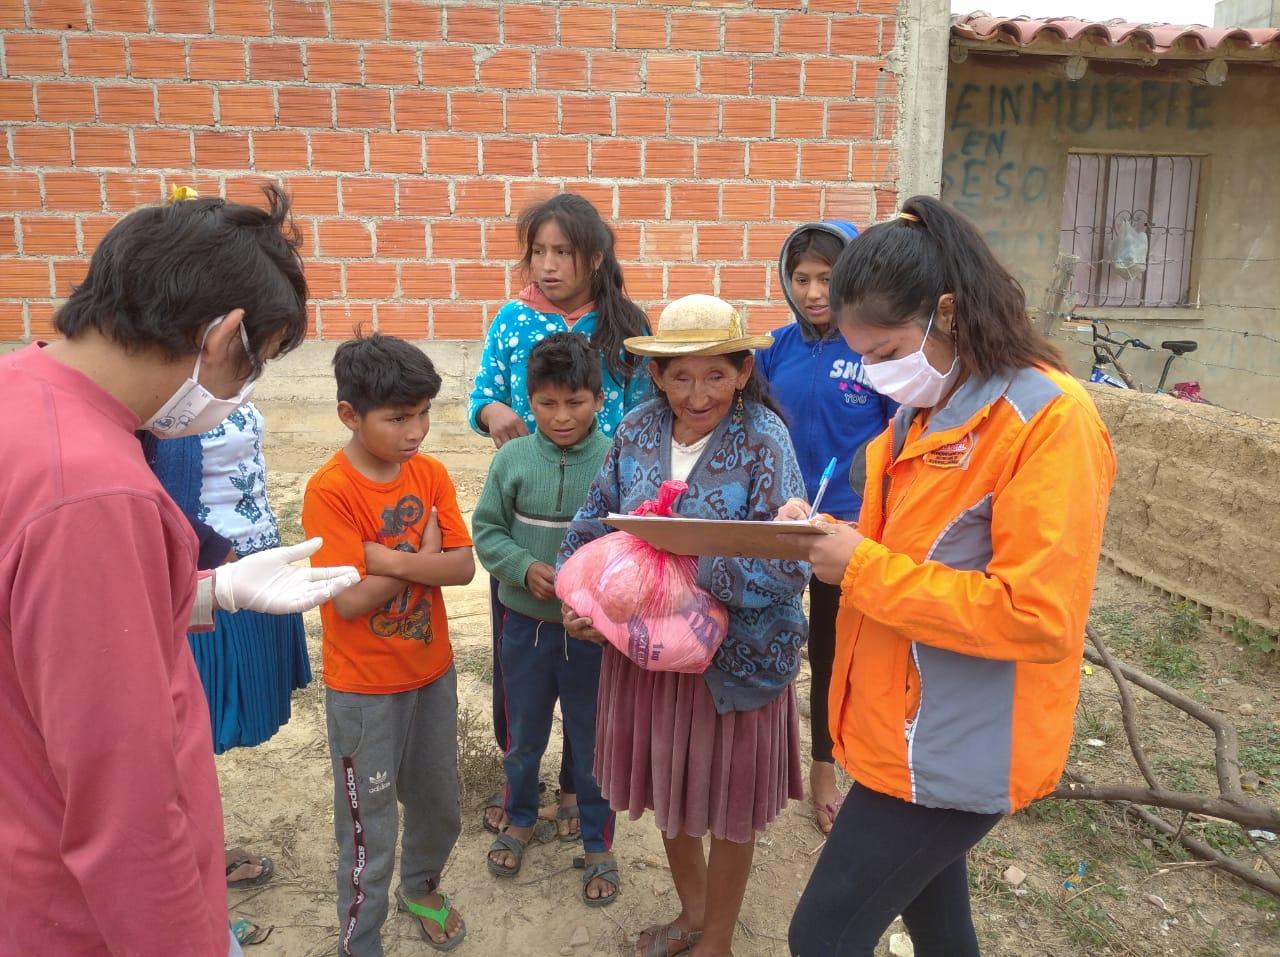 Bus Solidario de la Alcaldía de Tarija entregó 20 toneladas de alimentos en un mes de cuarentena